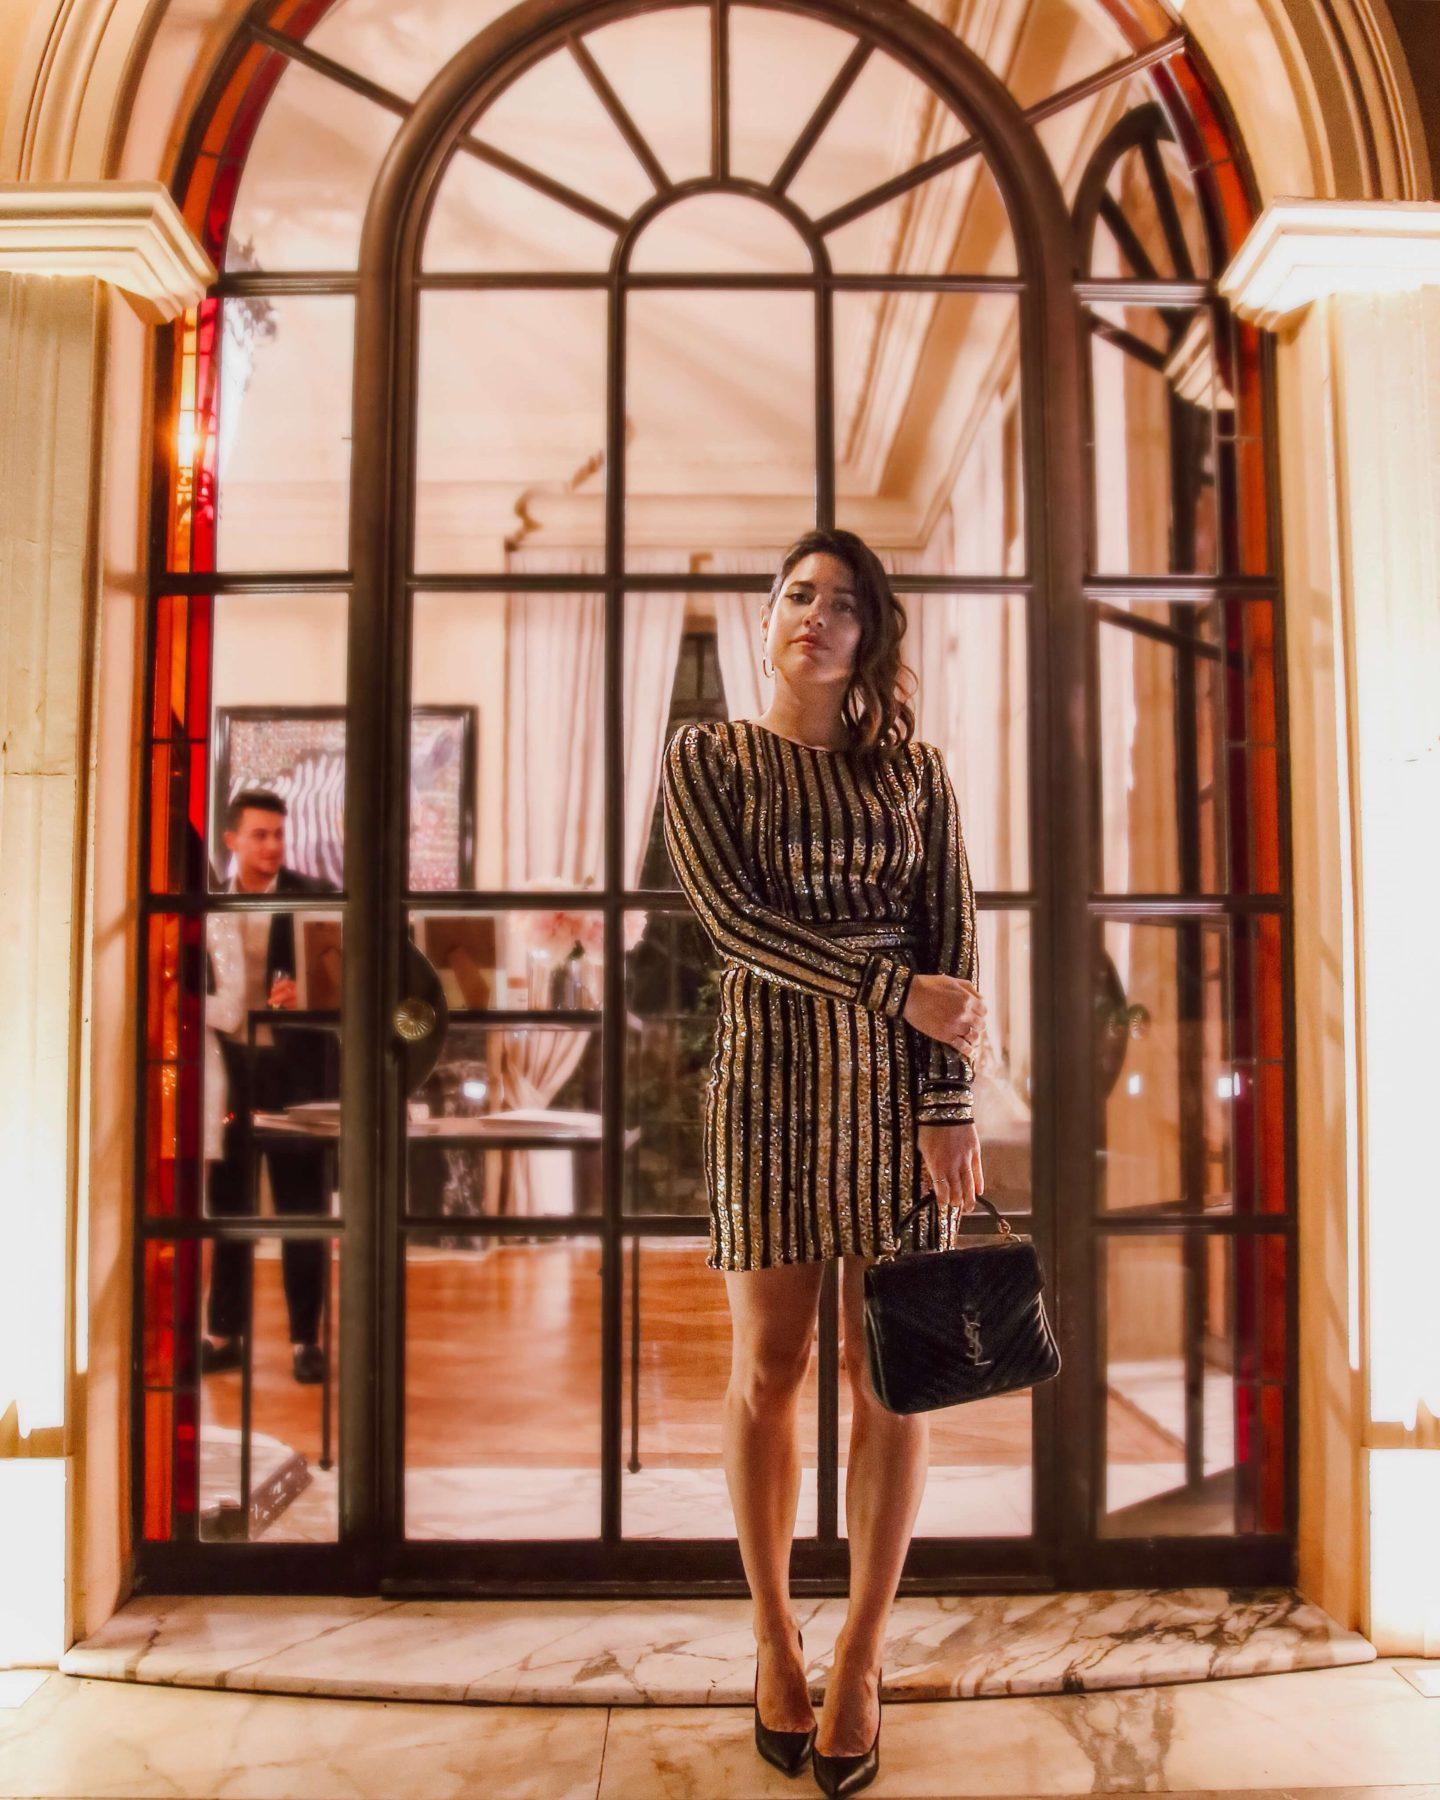 Festival de Cannes 2018 Villa Identik L'atelier d'al blog mode fashion lifetsyle